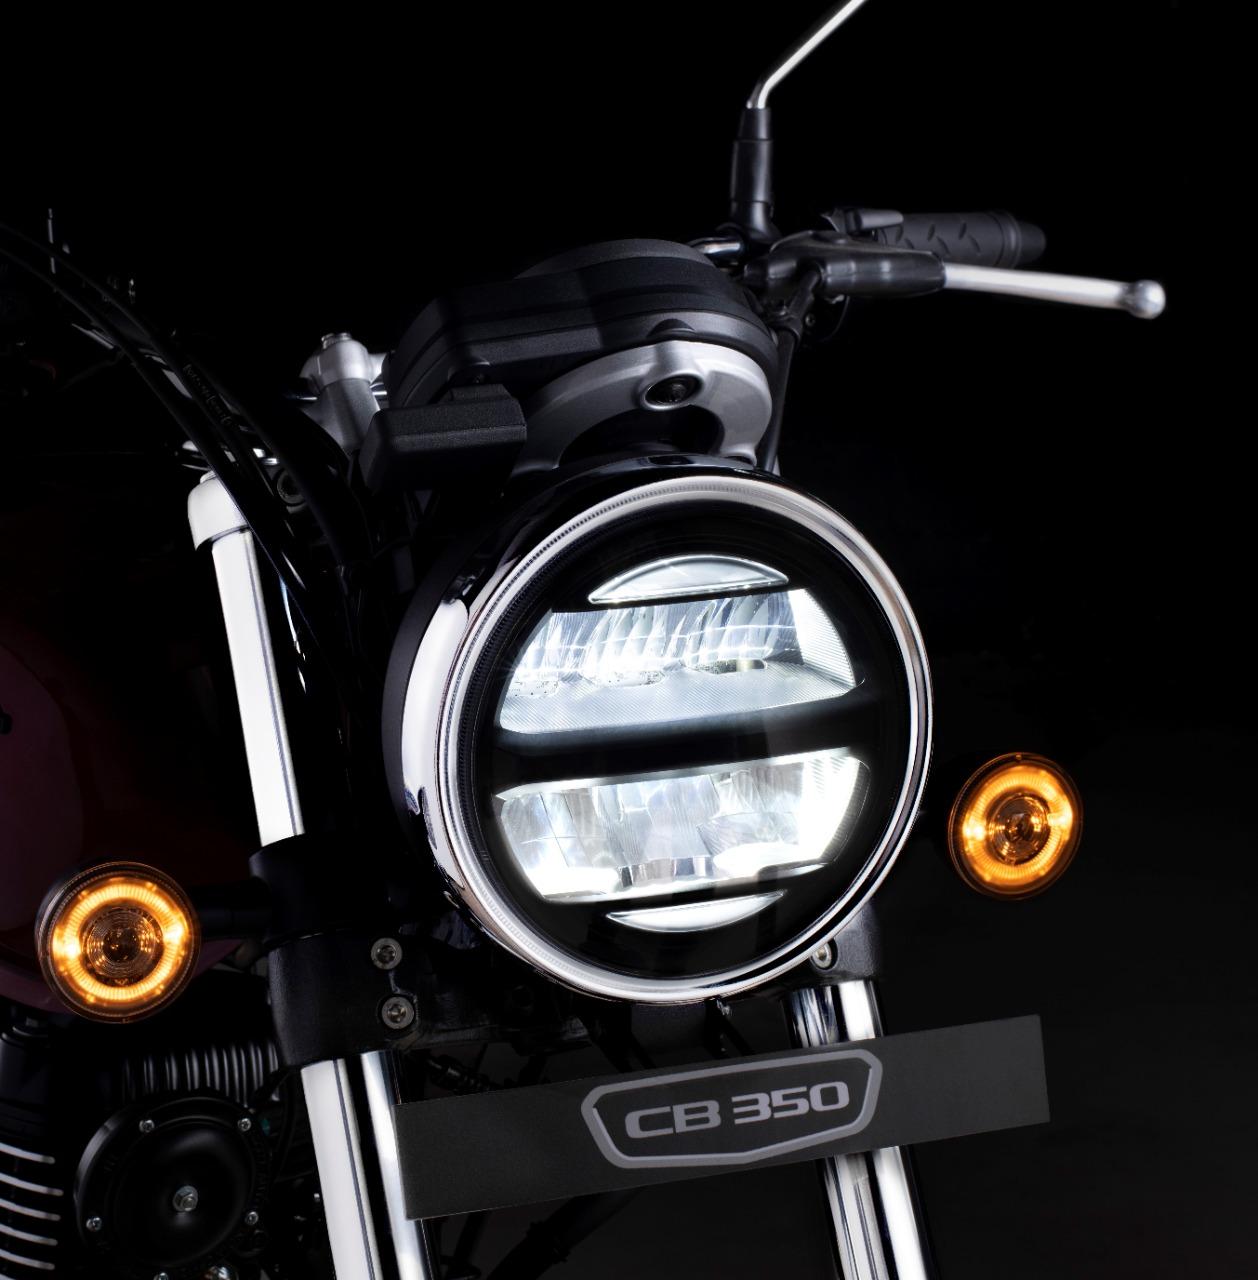 Honda H'ness CB350 - Image 2